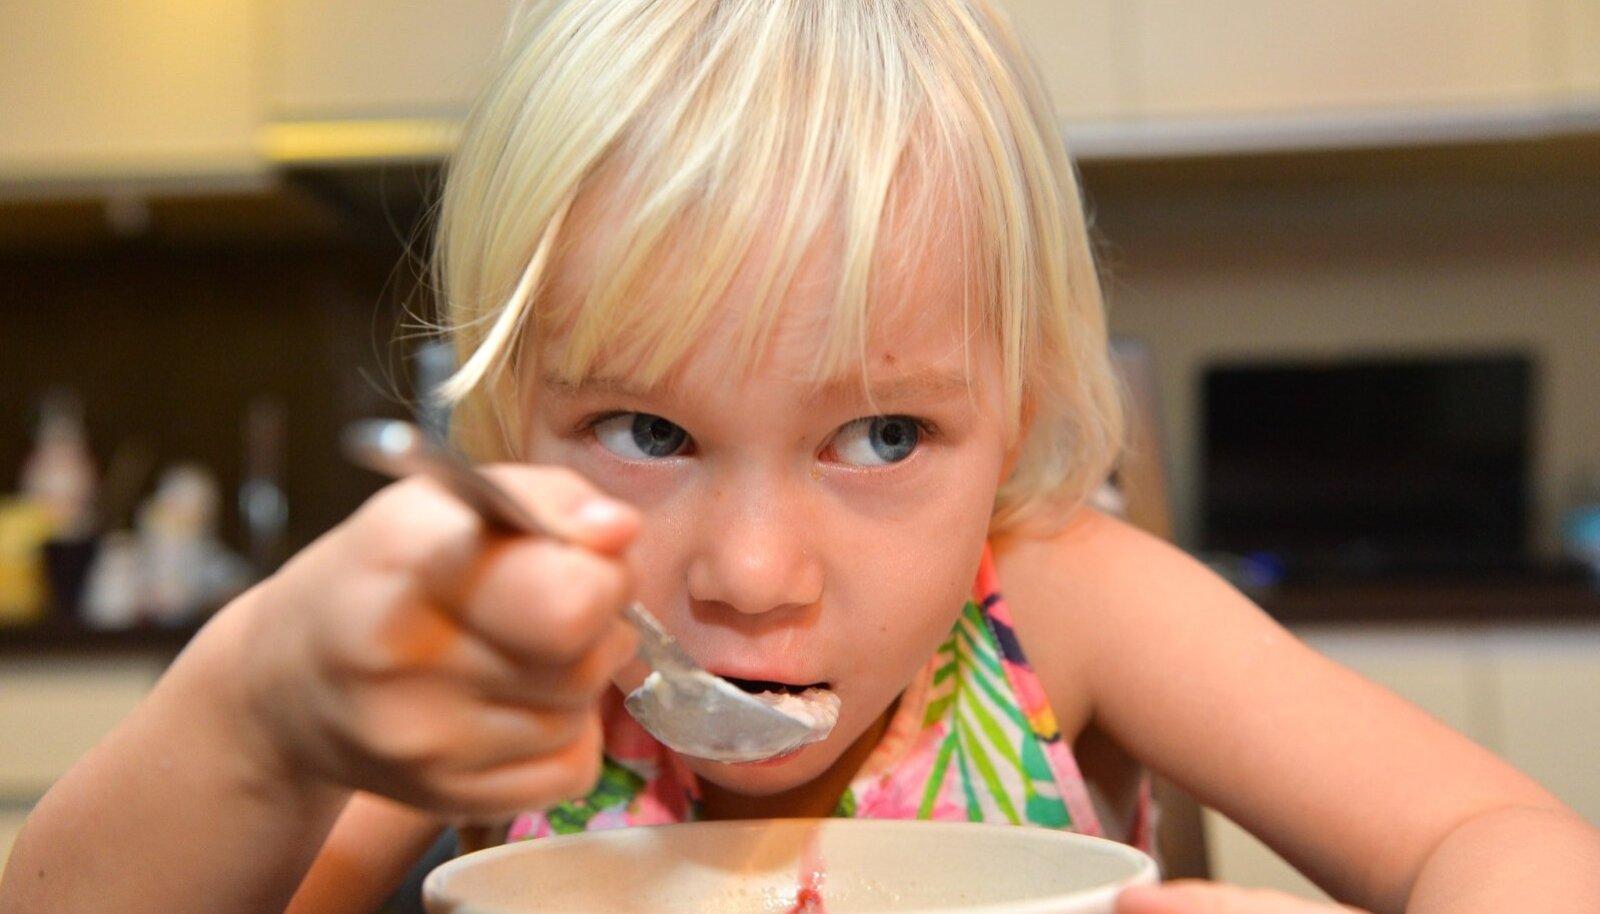 Kuidas panna lapsed sööma asju, mis esmapilgul pole komm või limonaad?